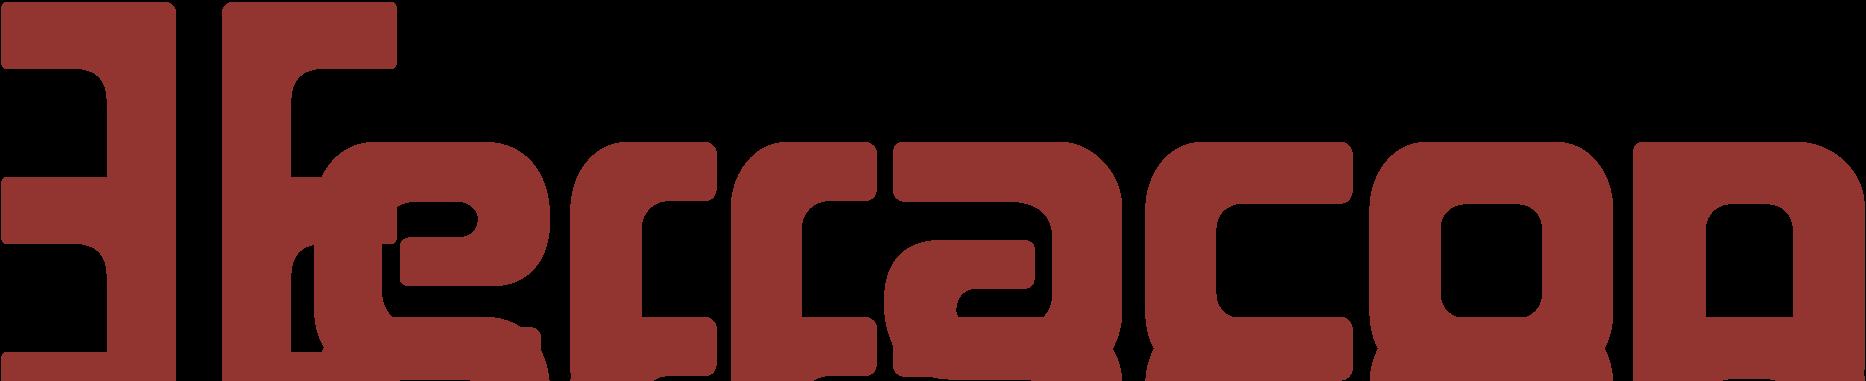 BEC - Terracon logo